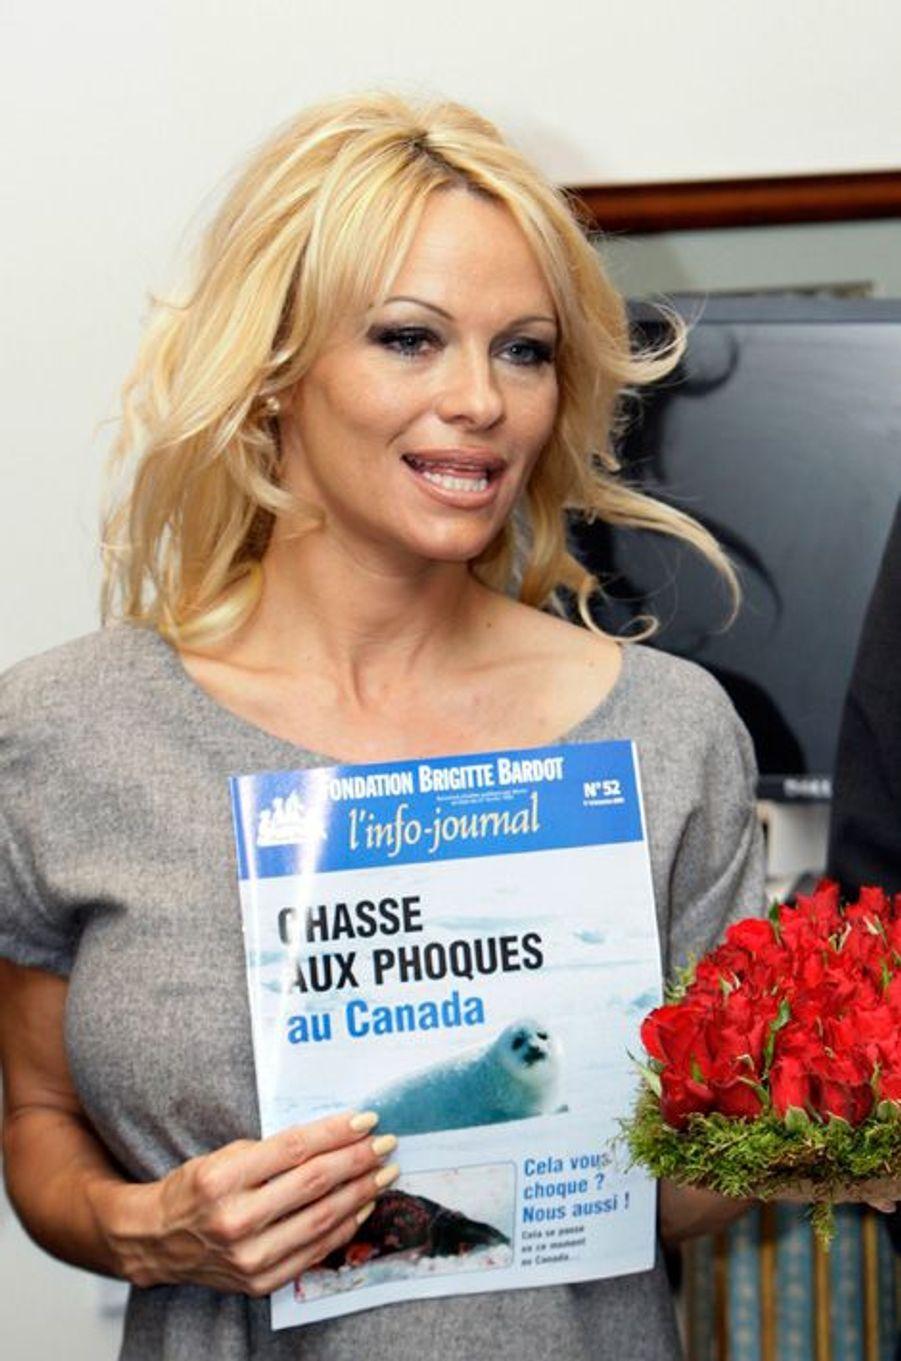 La star lutte avec la Fondation Brigitte Bardot contre la chasse aux phoques au Canada, à Paris, le 14 février 2008